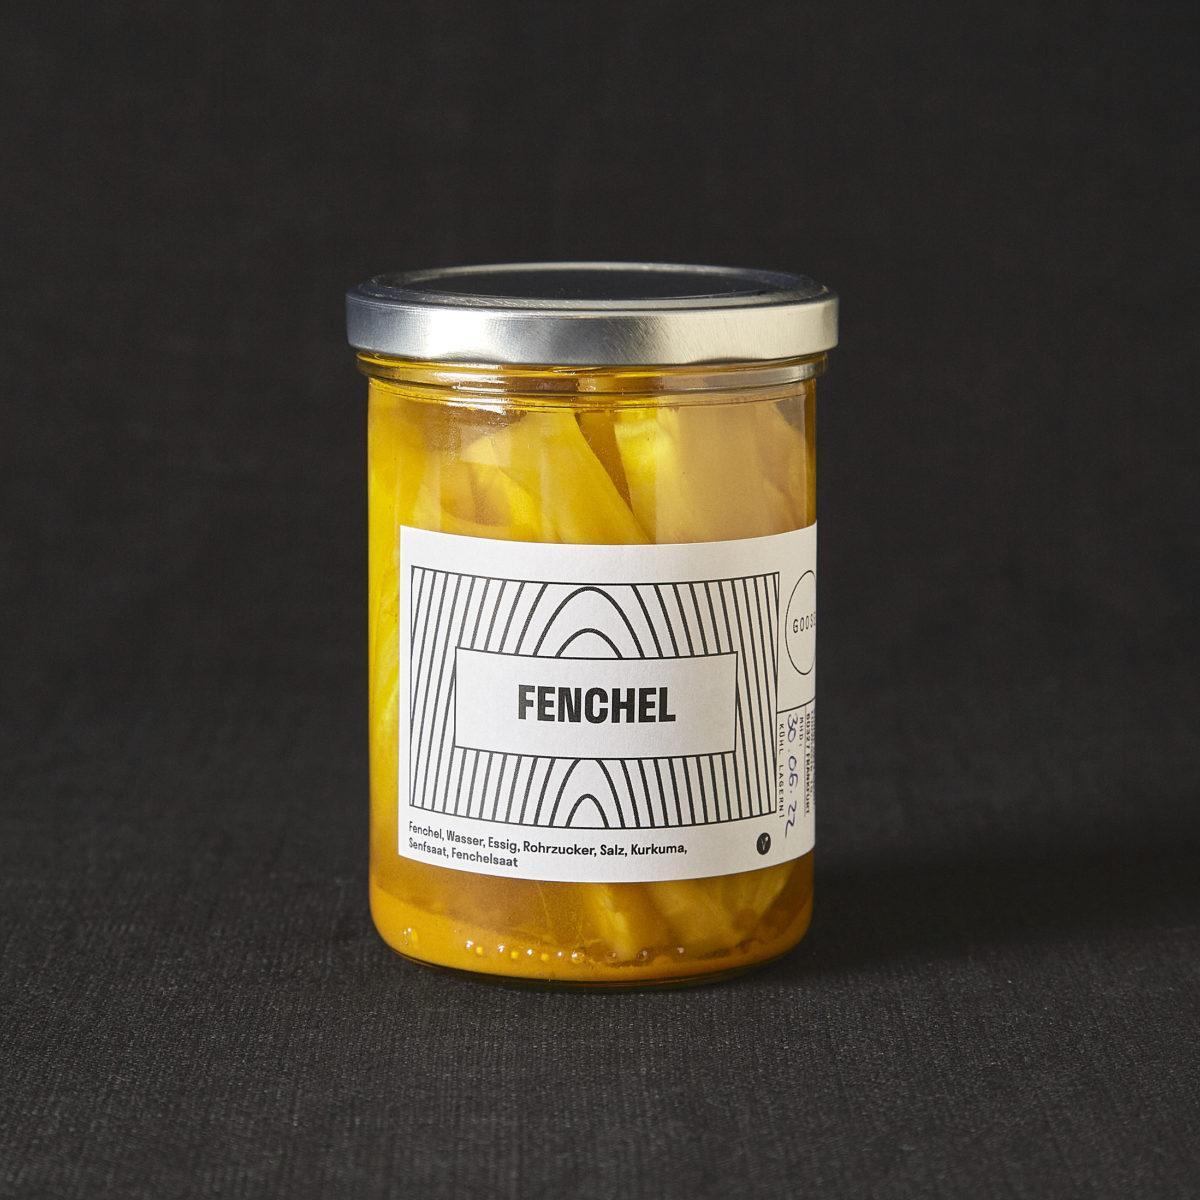 Eingelegter Fenchel mit etwas Kurkuma aus Frankfurt von Goose Gourmet. Die herrlich gelbe Farbe kommt in dem Glas mit silbernem Schraubverschluss wunderschön zur Geltung. Zu kaufen im Hausgemachtes Online Shop vom Nobelhart und Schmutzig.